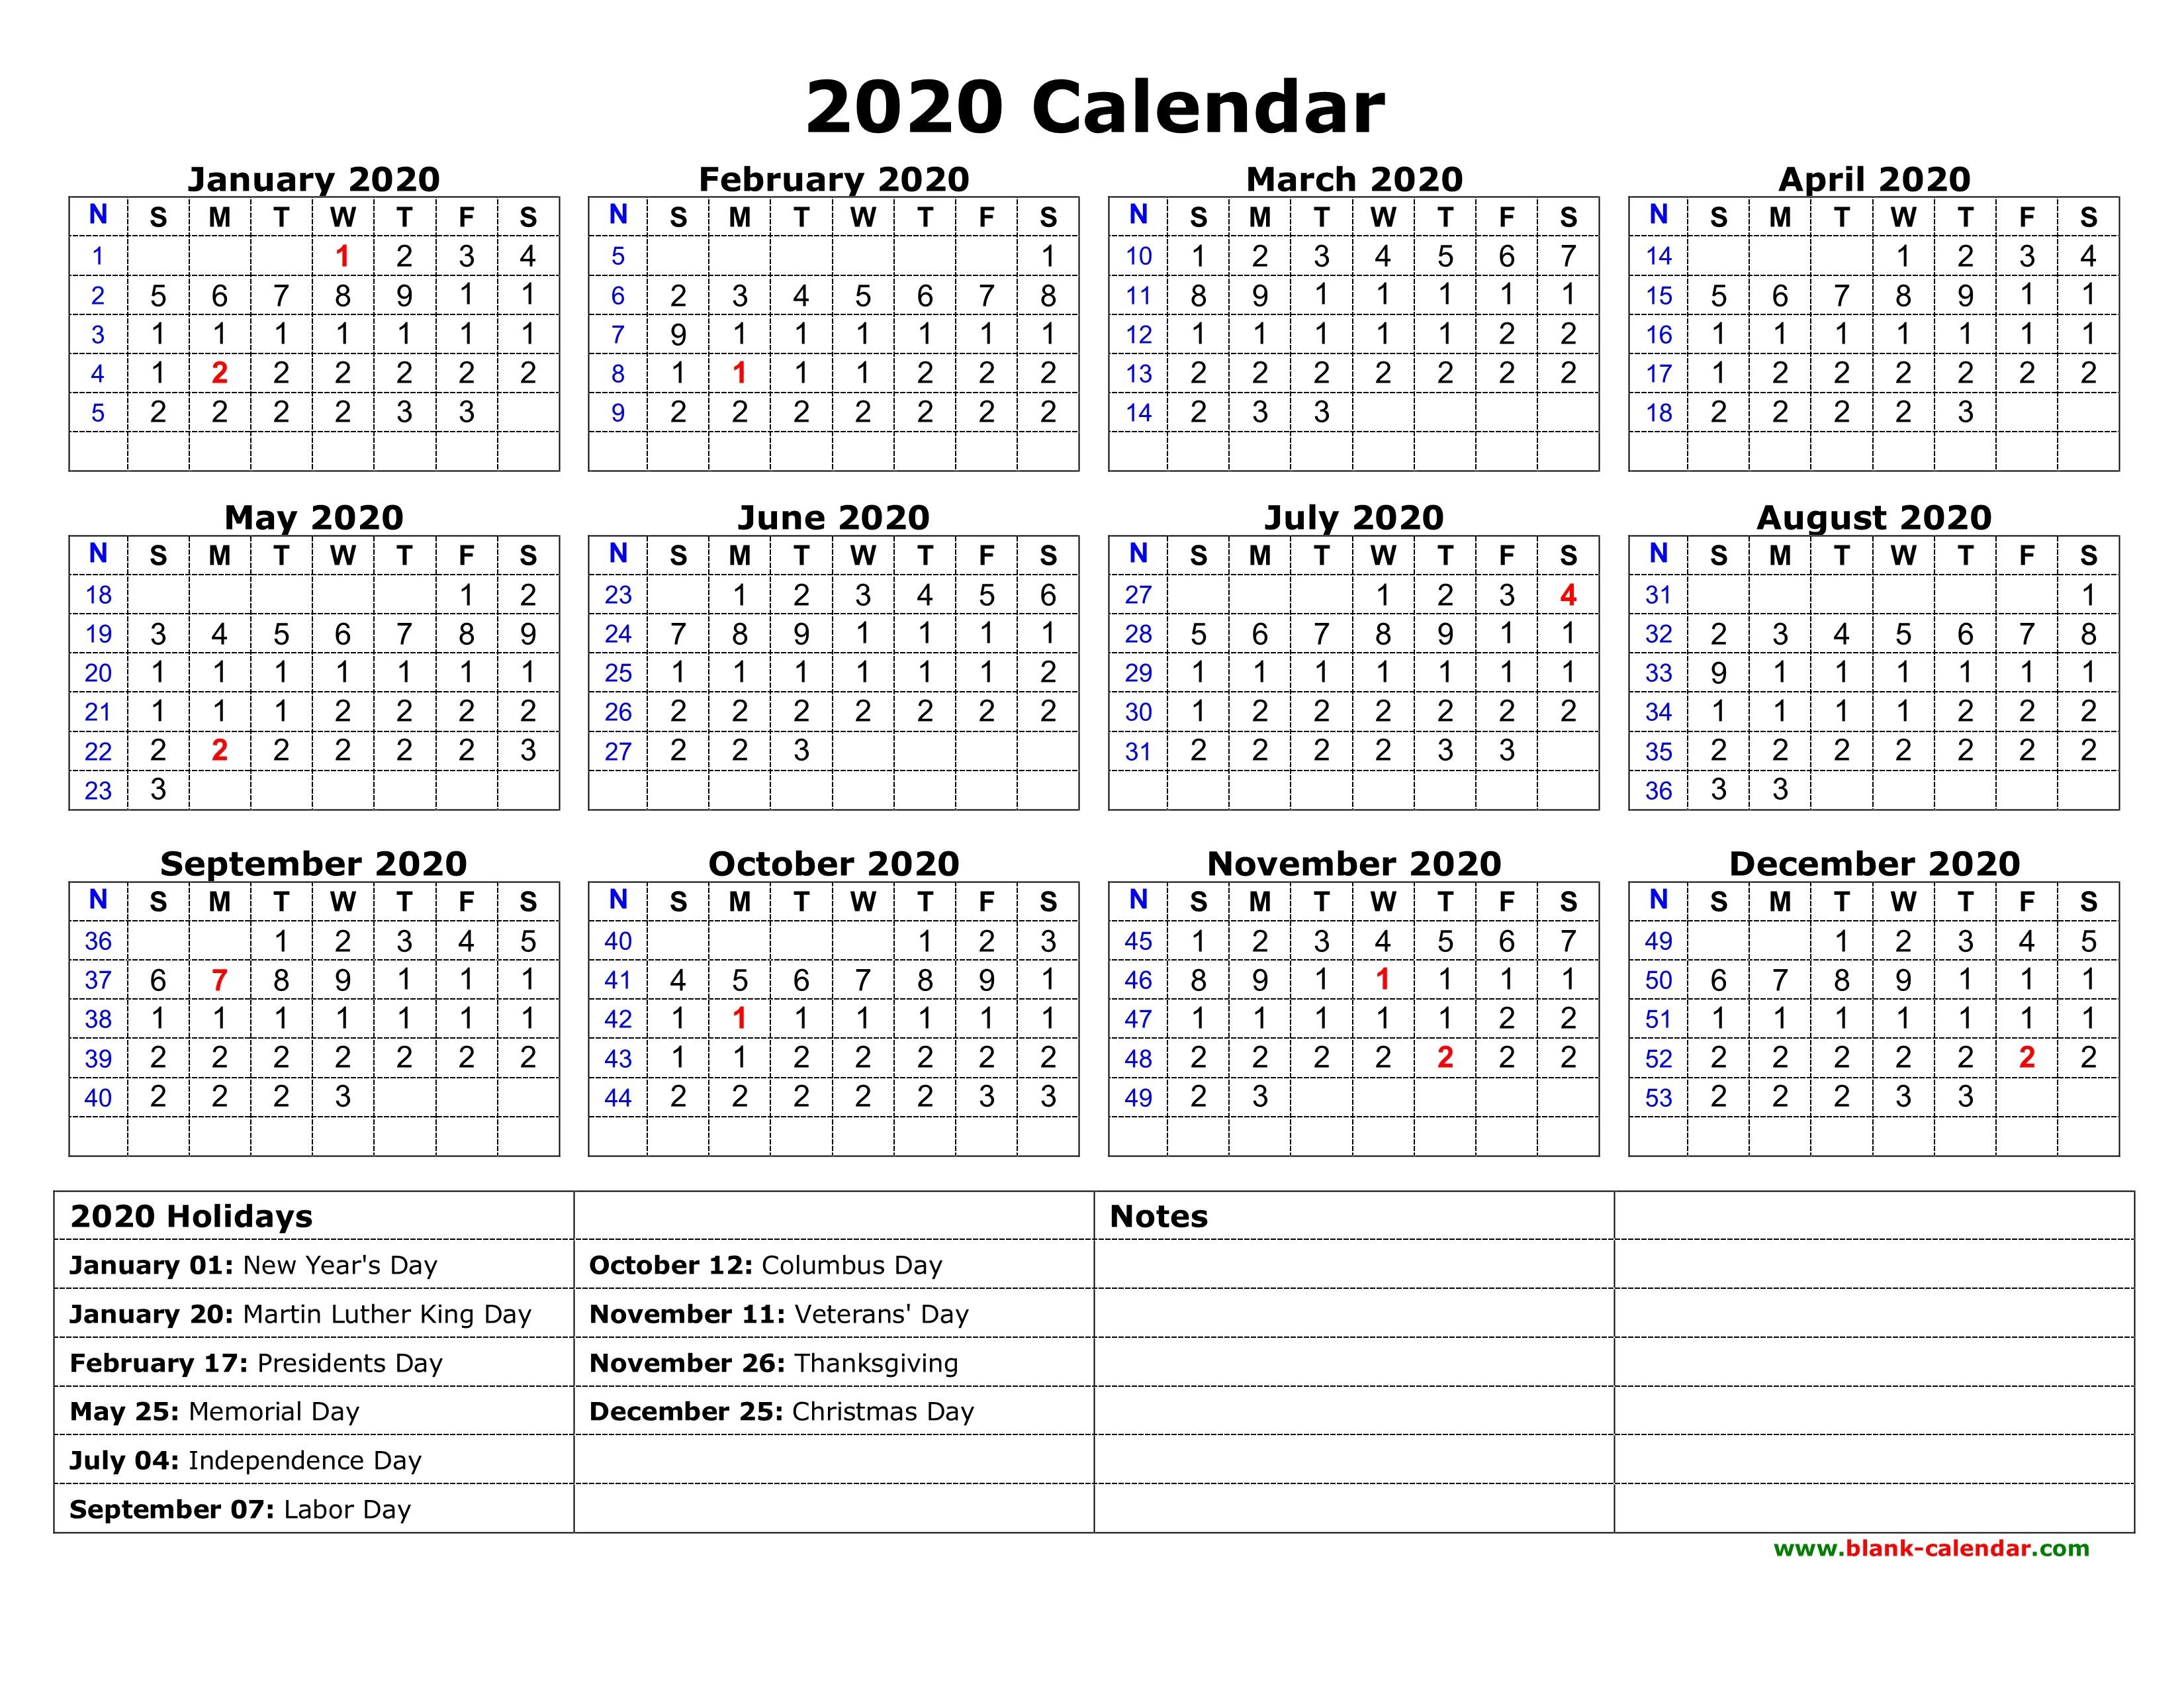 Calendar 2020 Printable With Holidays | Thekpark-Hadong